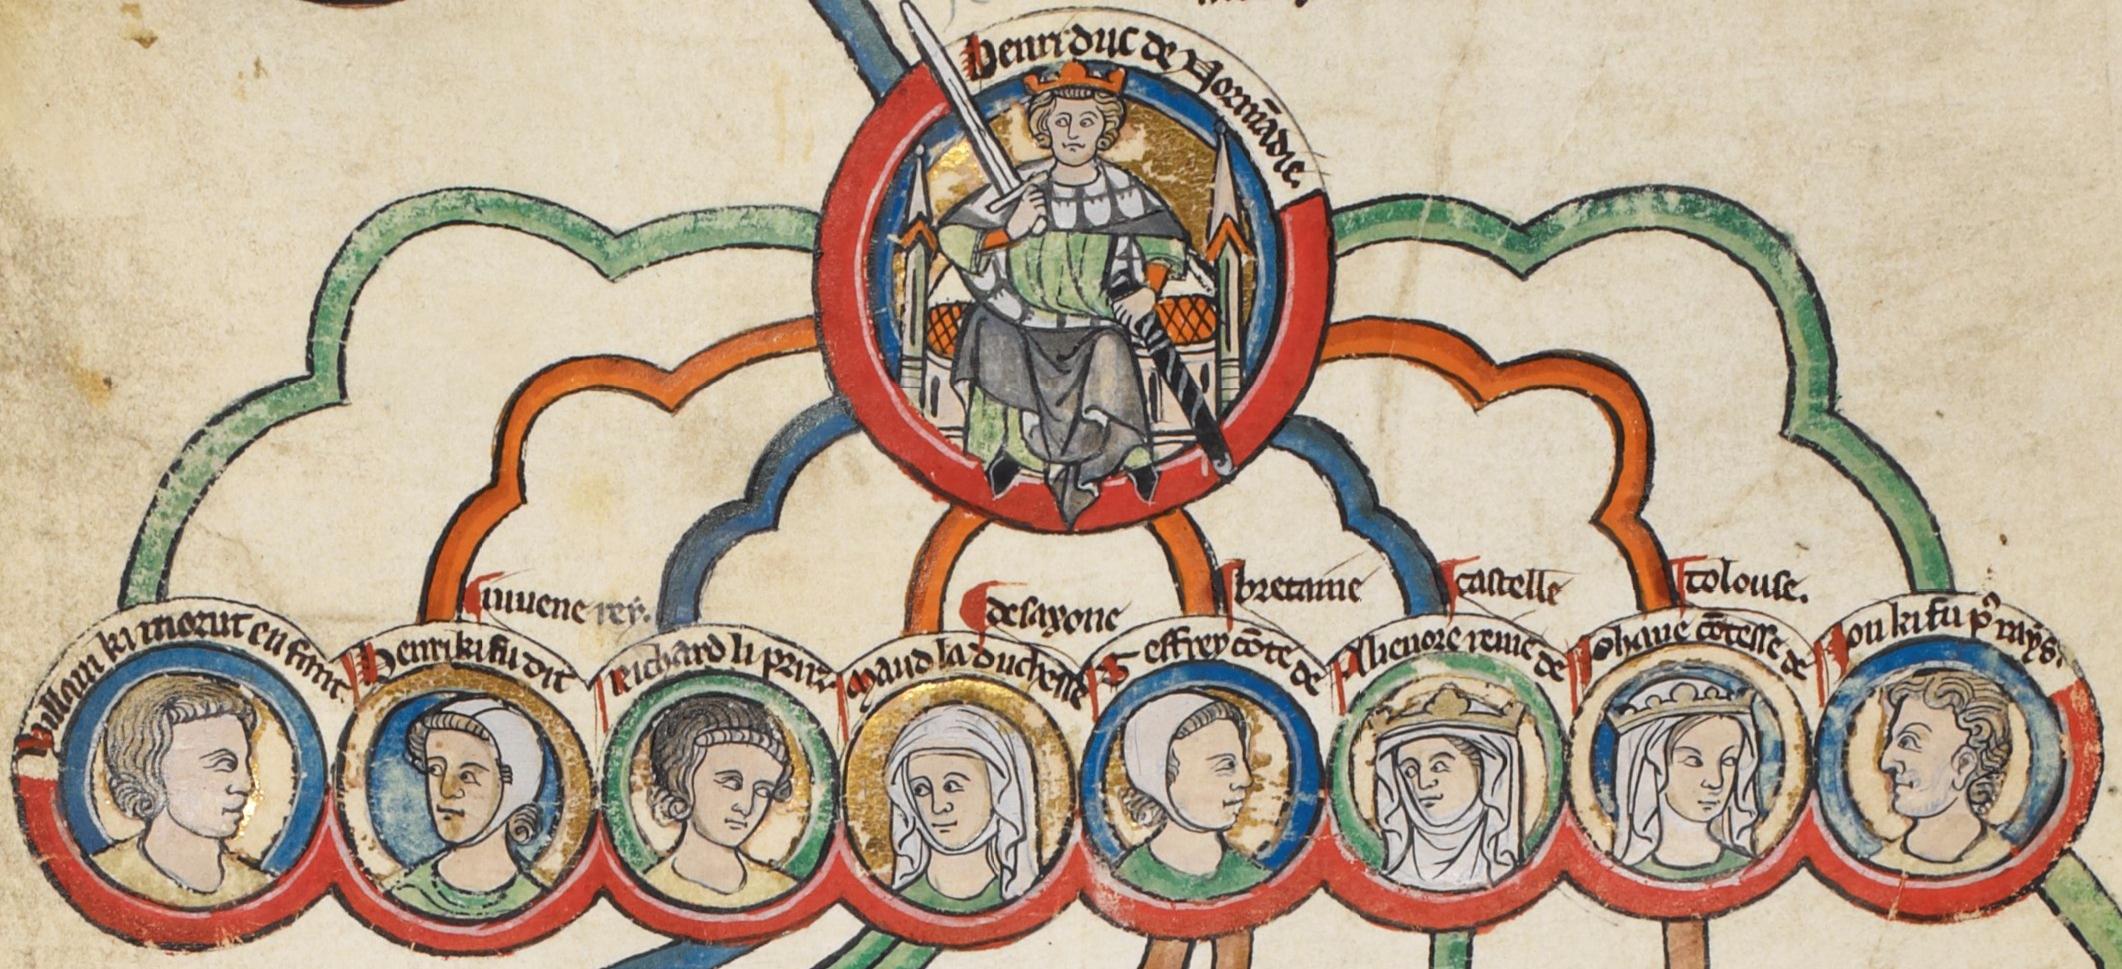 Árbol genealógico simplificado, que muestra a Enrique II y a sus hijos, el último de los cuales es Juan I (Juan sin tierra).